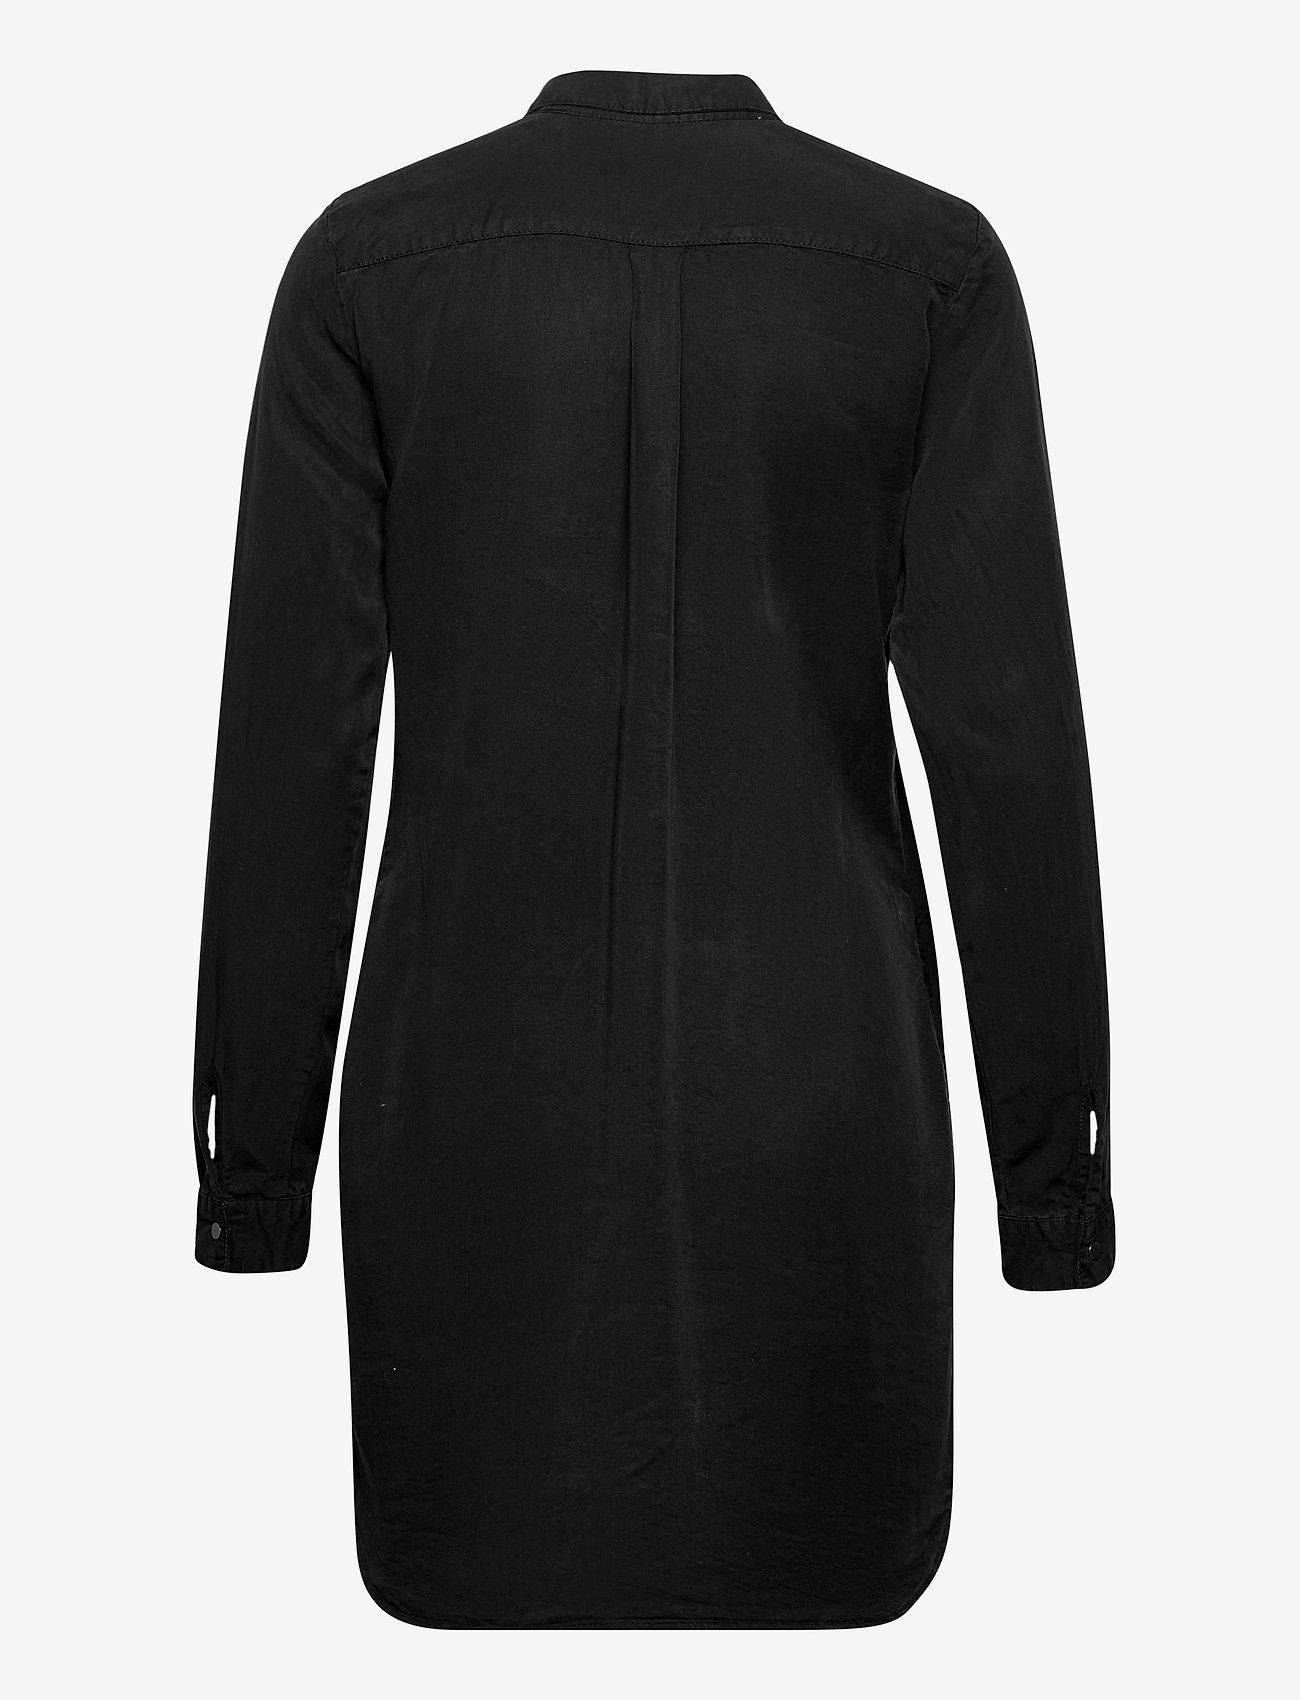 Vero Moda - VMSILLA LS SHORT DRESS BLCK GA - skjortklänningar - black - 1